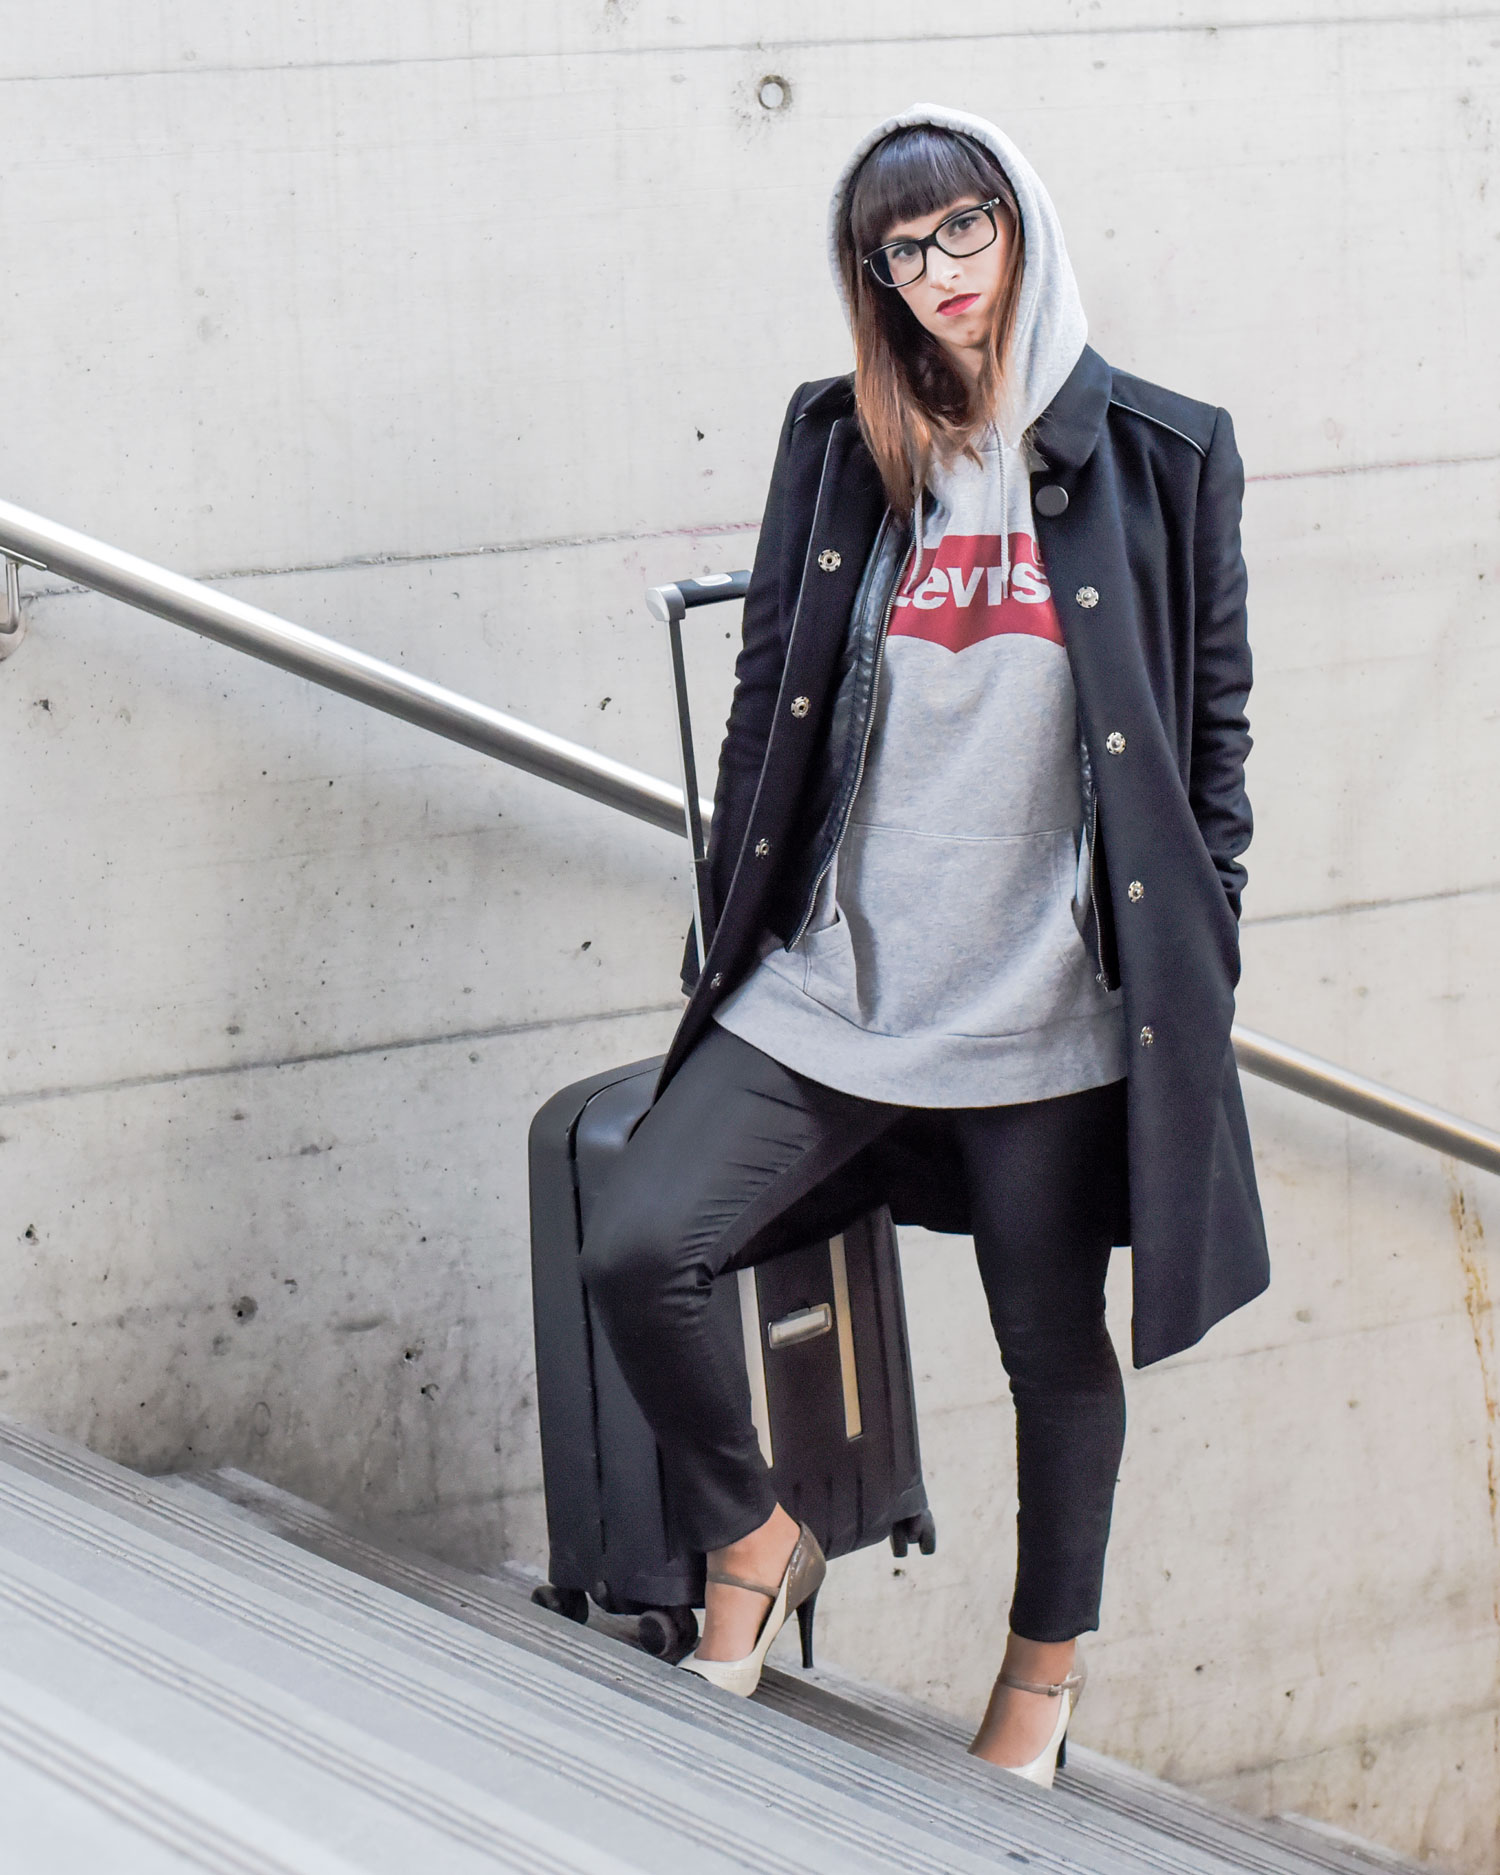 Hoodie von Levis, Jeanshose in Lederoptik von Hallhuber, schwarze Lederjacke von Only, Mary Jane Schuhe von Guess, schwarzer Mantel von Hugo Boss